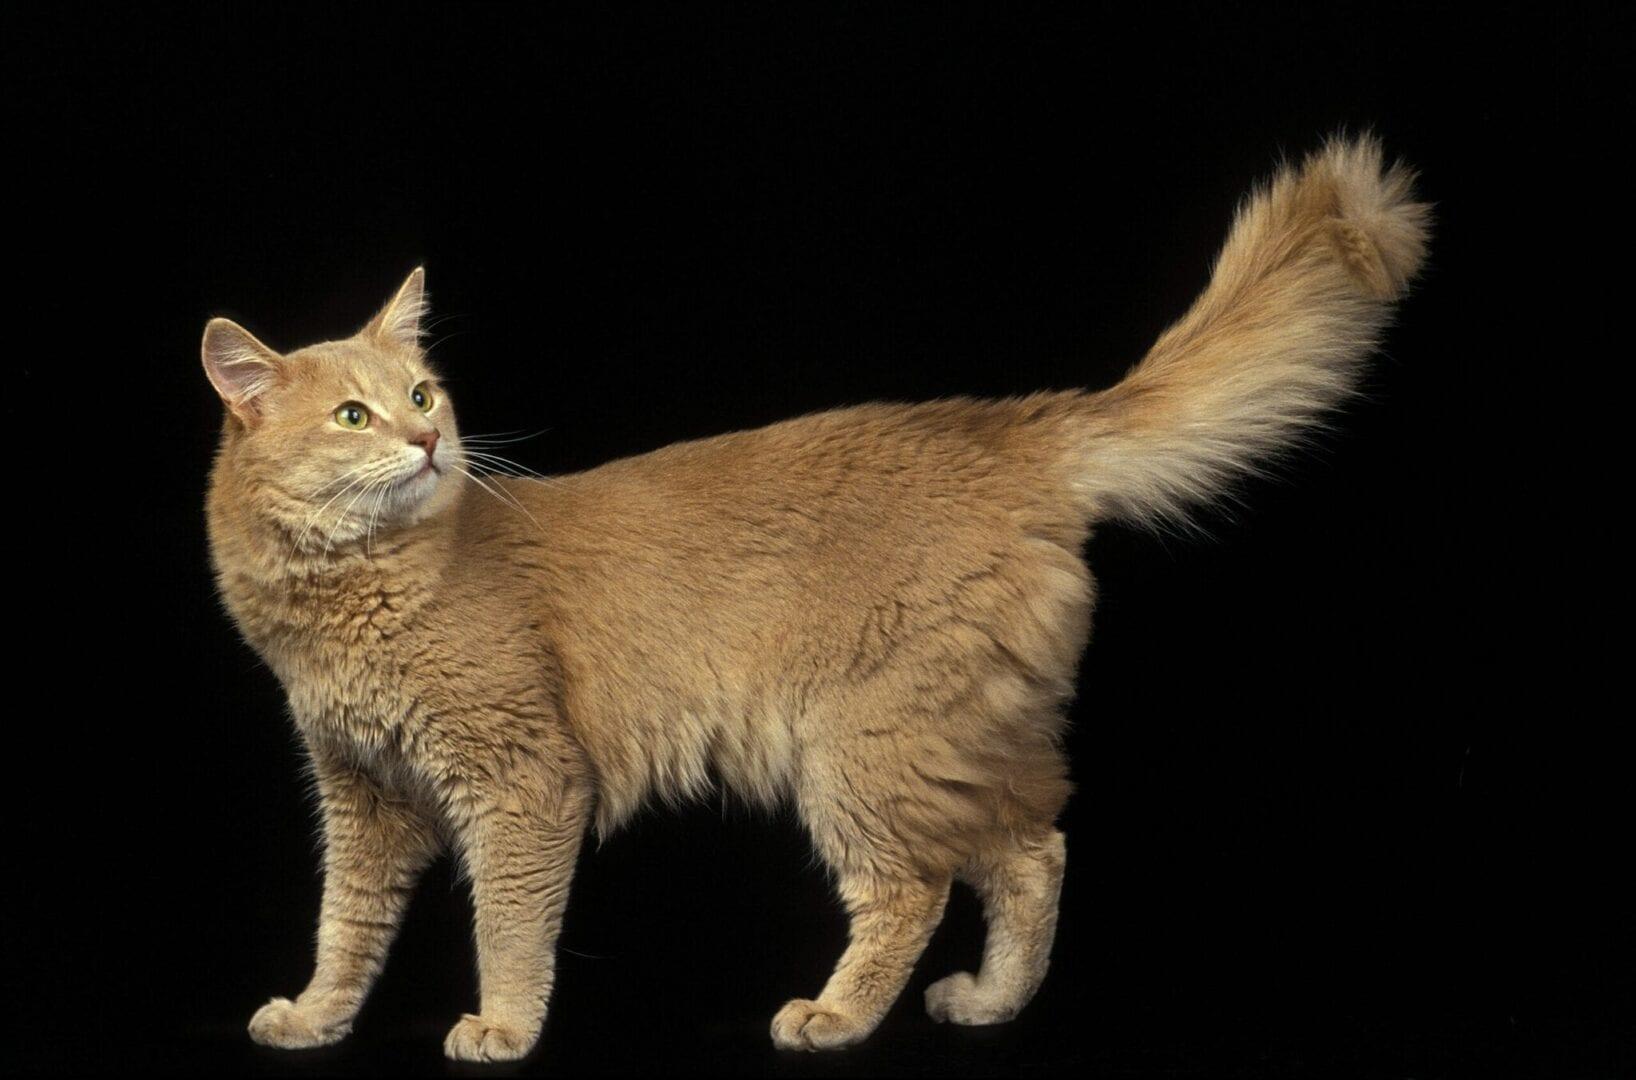 fawn Somali cat